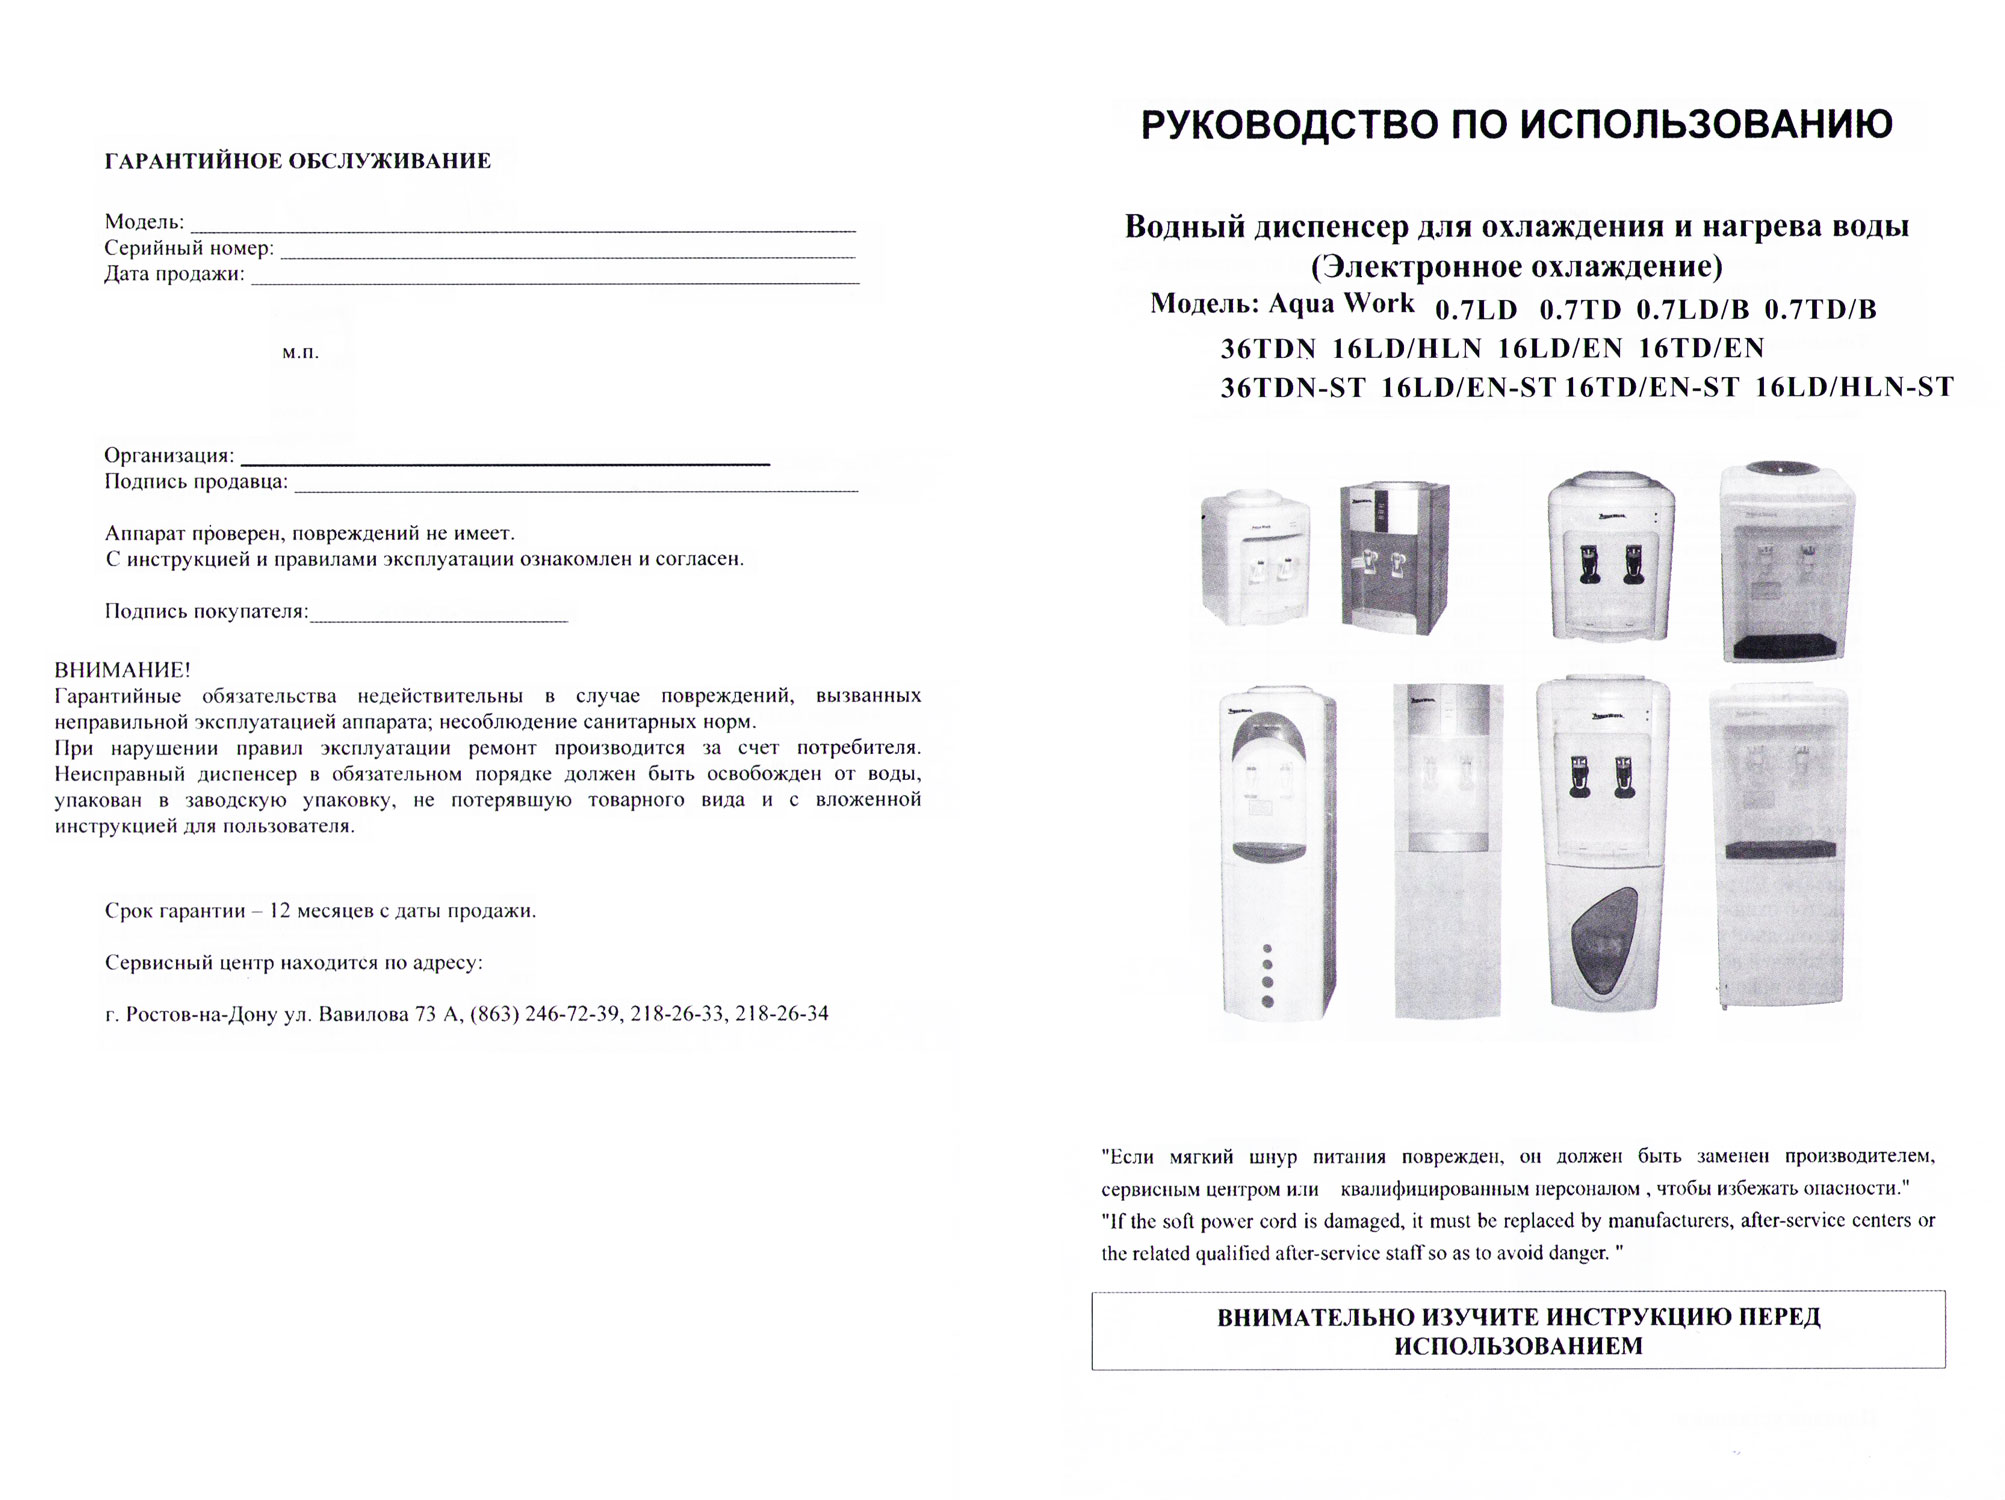 кулер Aqua Work 16-LDEN-ST паспорт